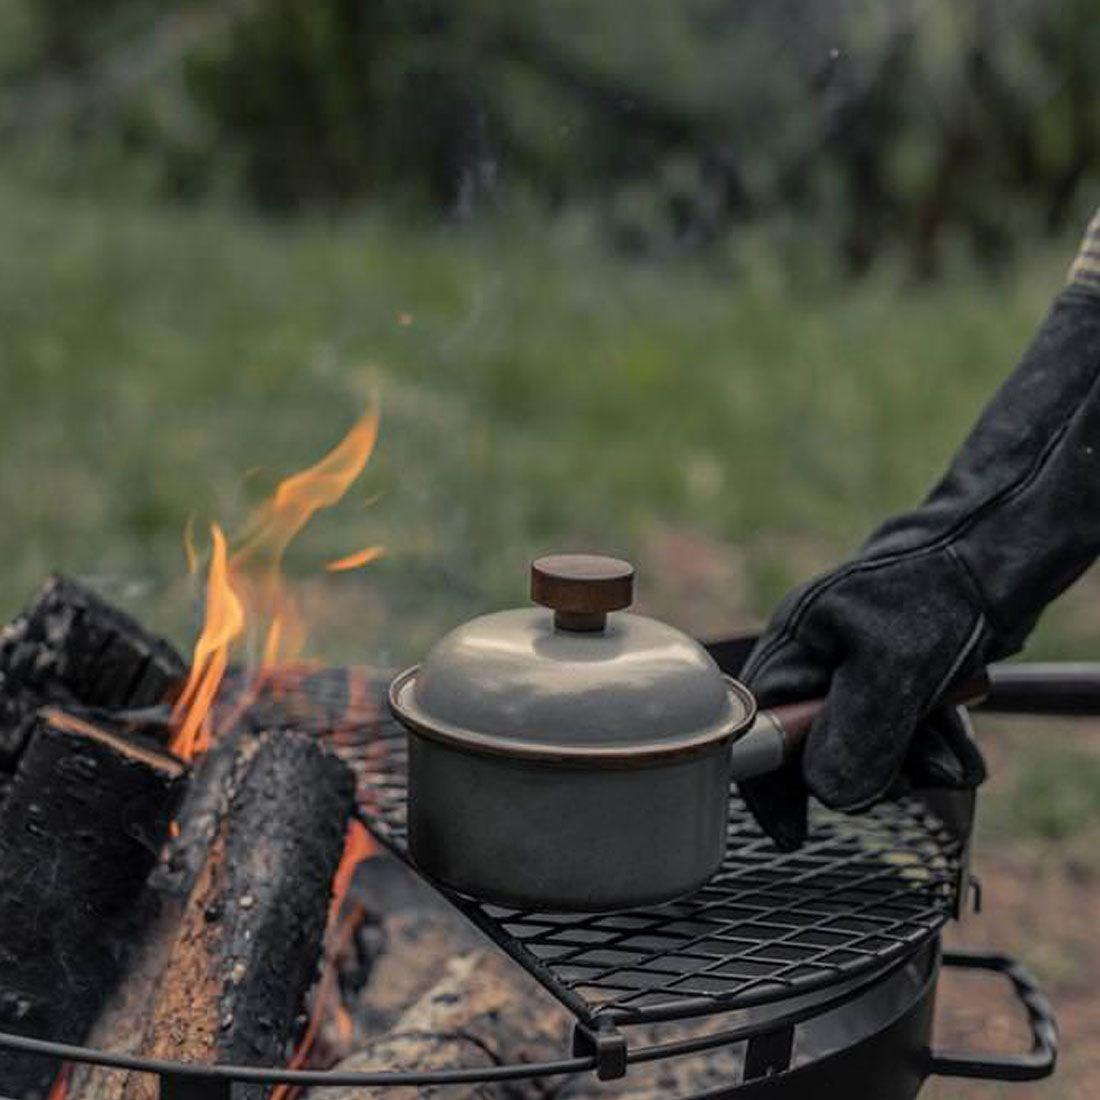 ベアボーンズ リビング エナメル ソースパン クックウェア  国内正規品